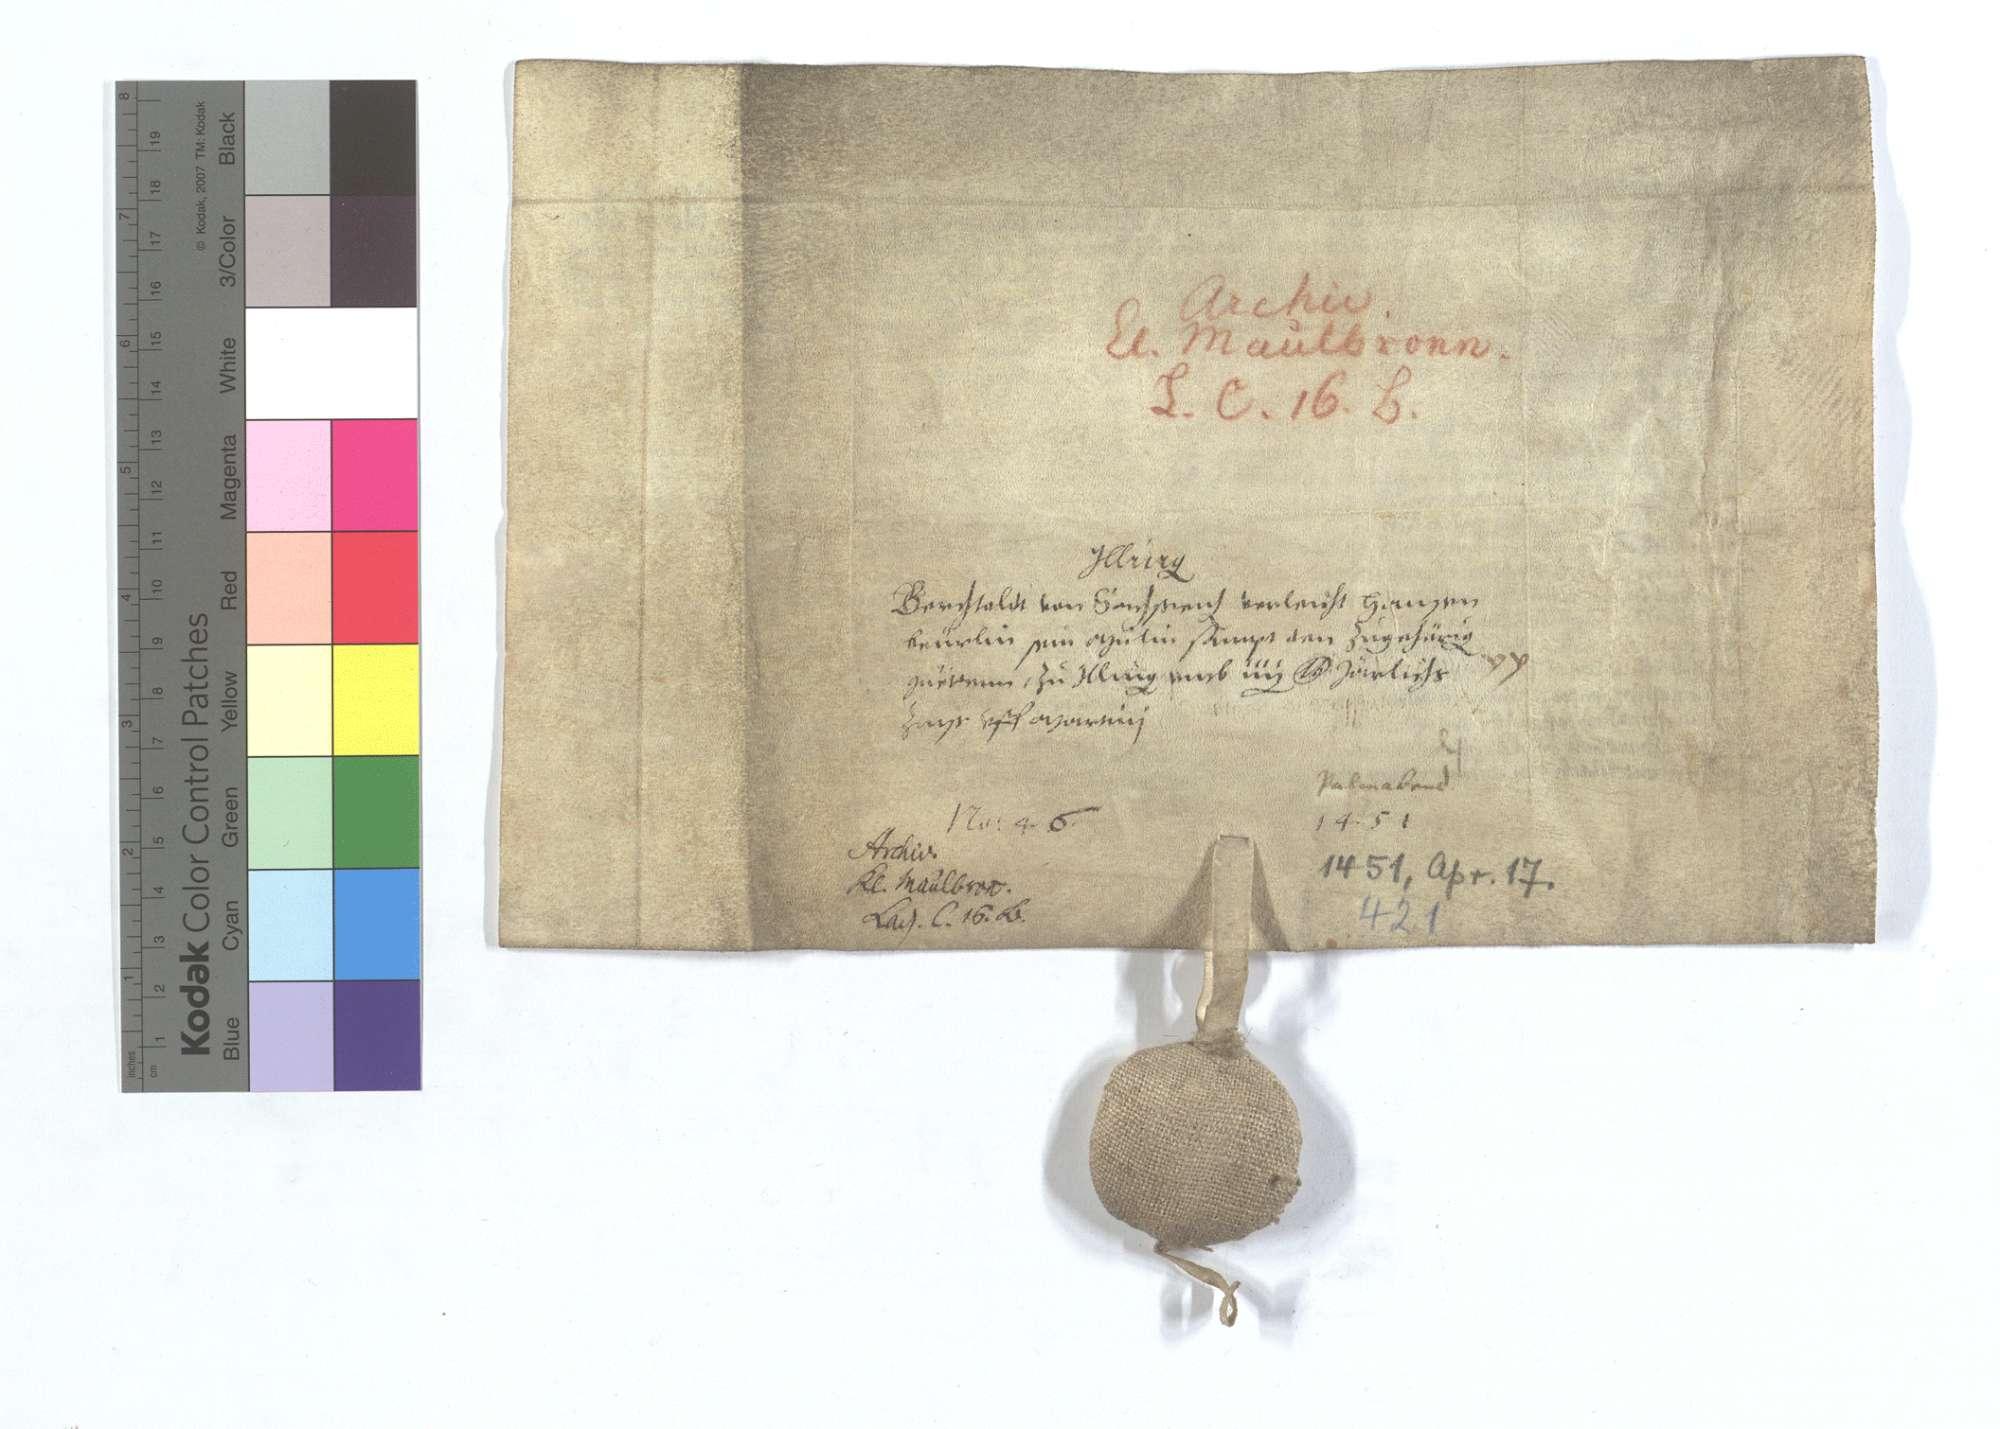 Lehensbrief des Berthold von Sachsenheim für Hans Beurlin um die Mühle in Illingen., Rückseite